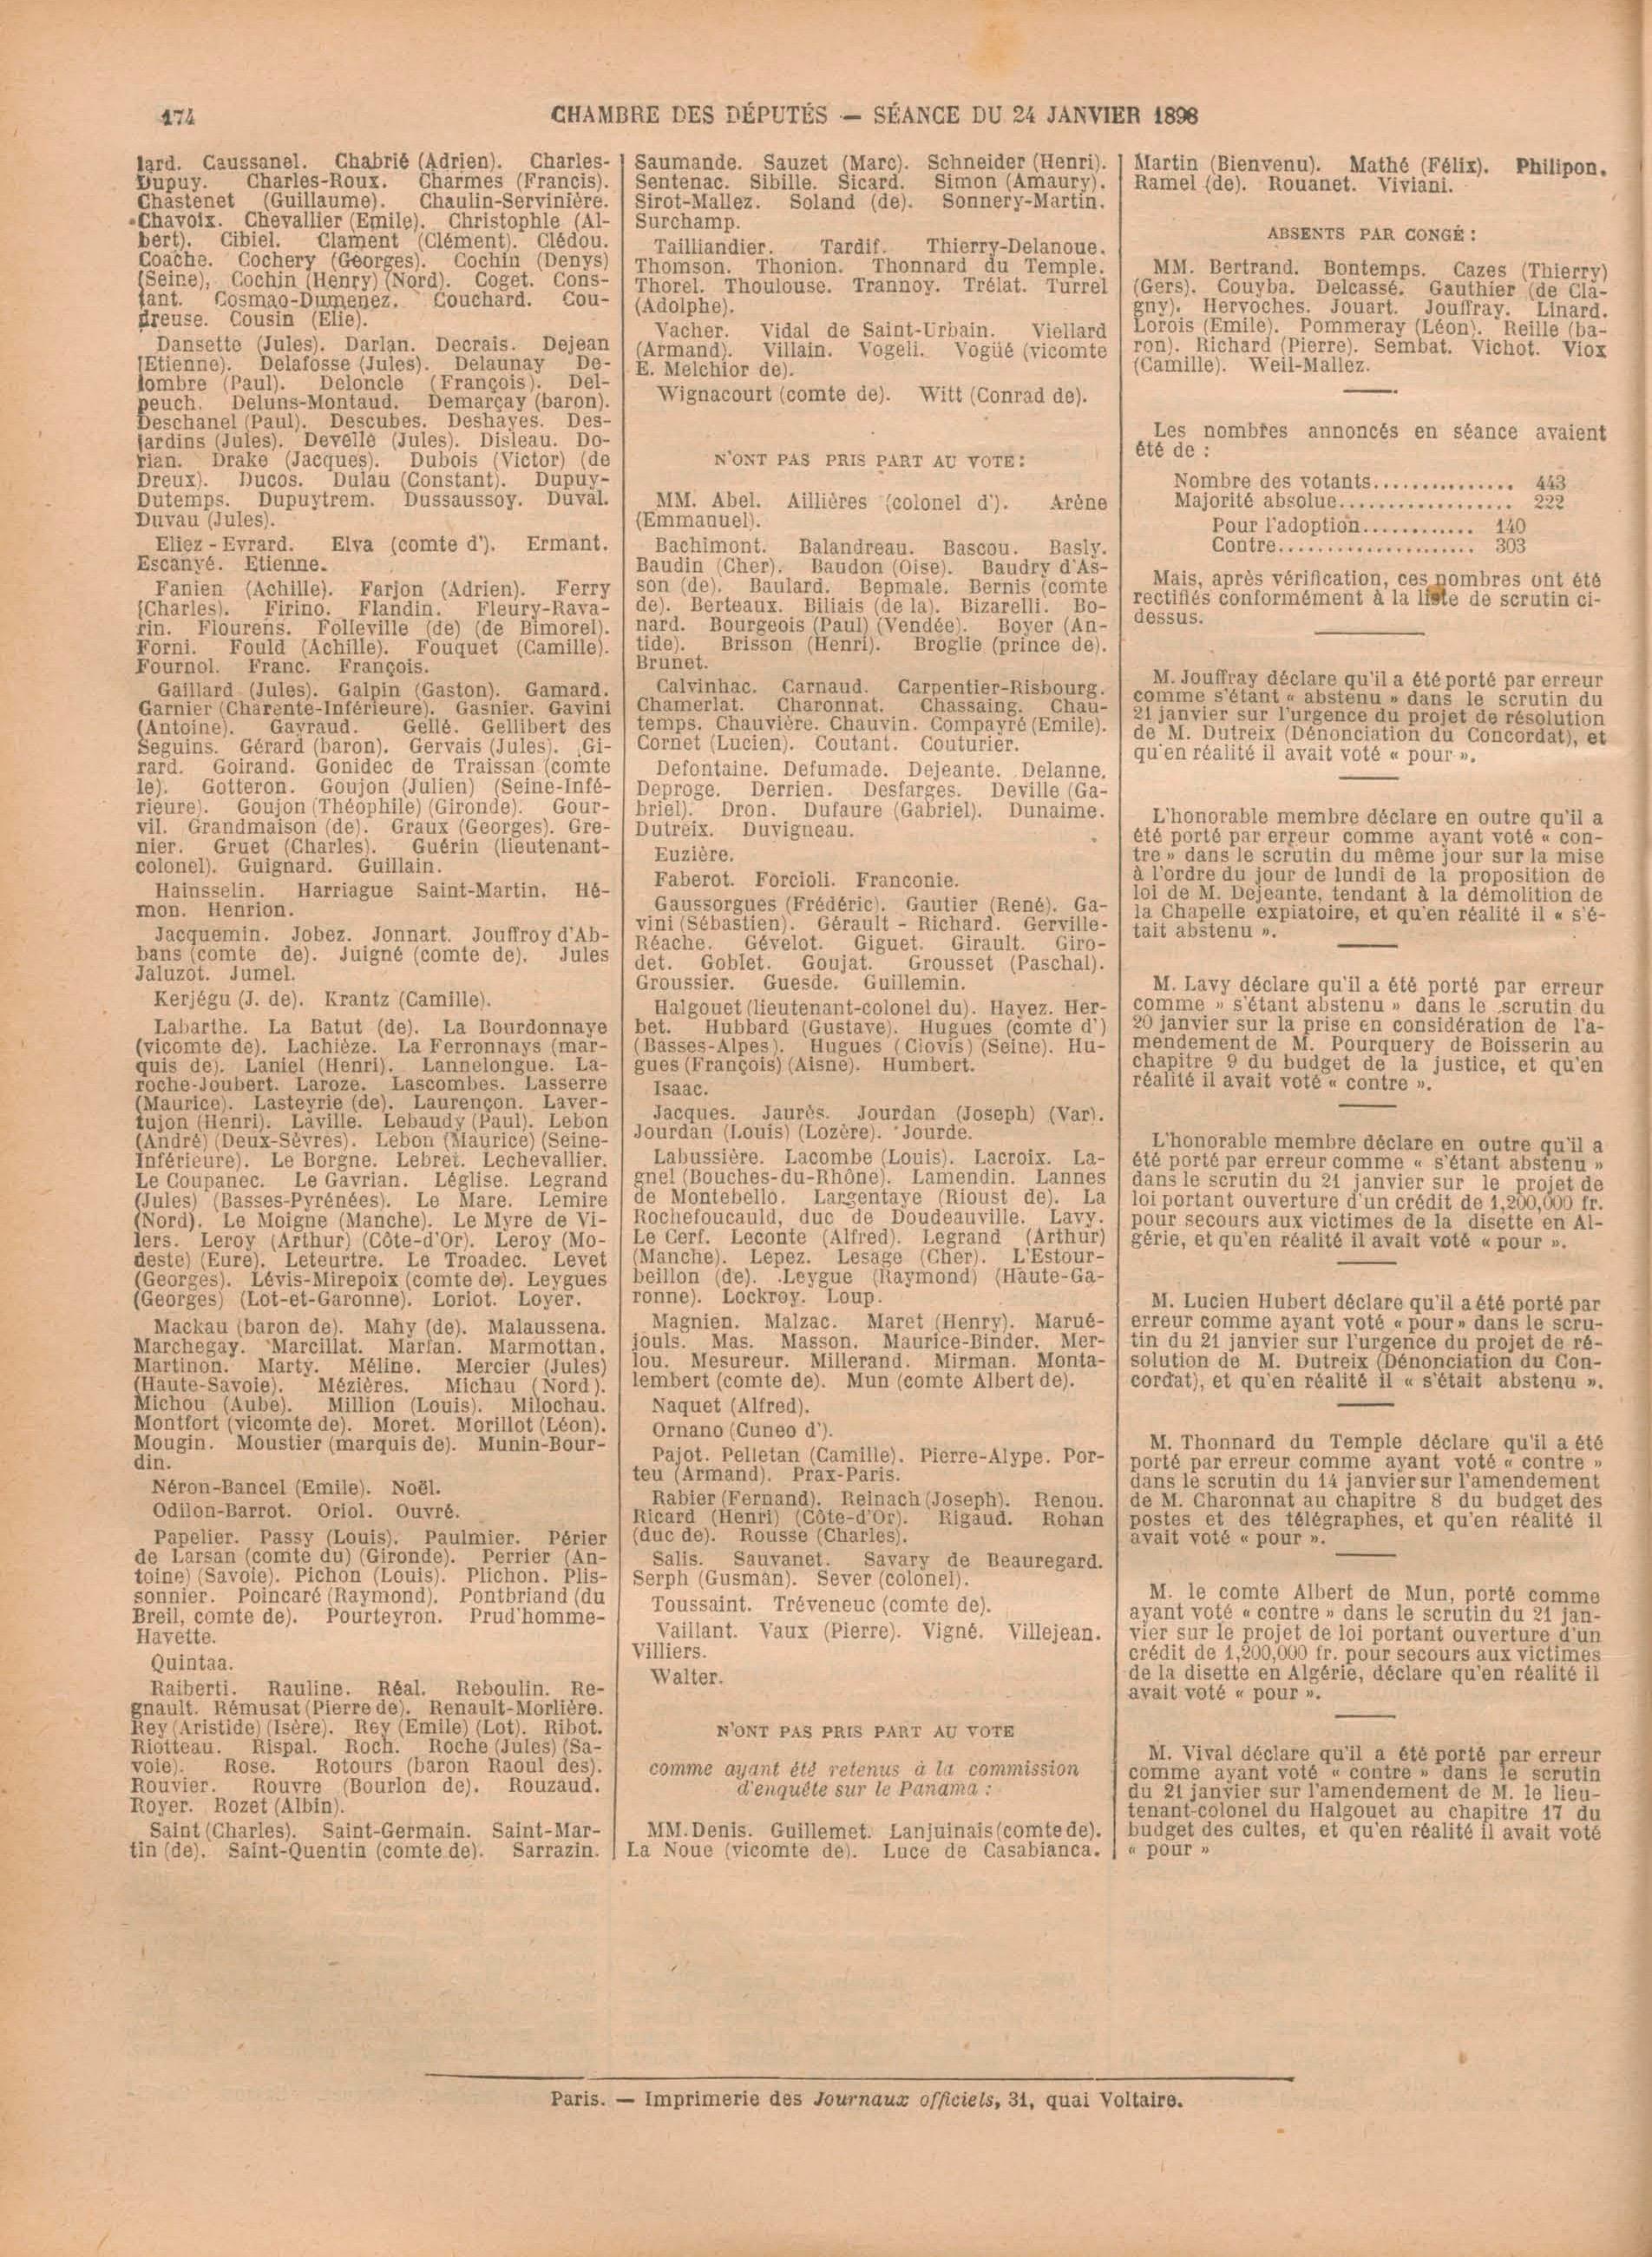 http://expo-paulviollet.univ-paris1.fr/wp-content/uploads/2017/09/Journal_officiel_de_la_République_séance-du-lundi-24-janvier-1898_Page_14.jpg